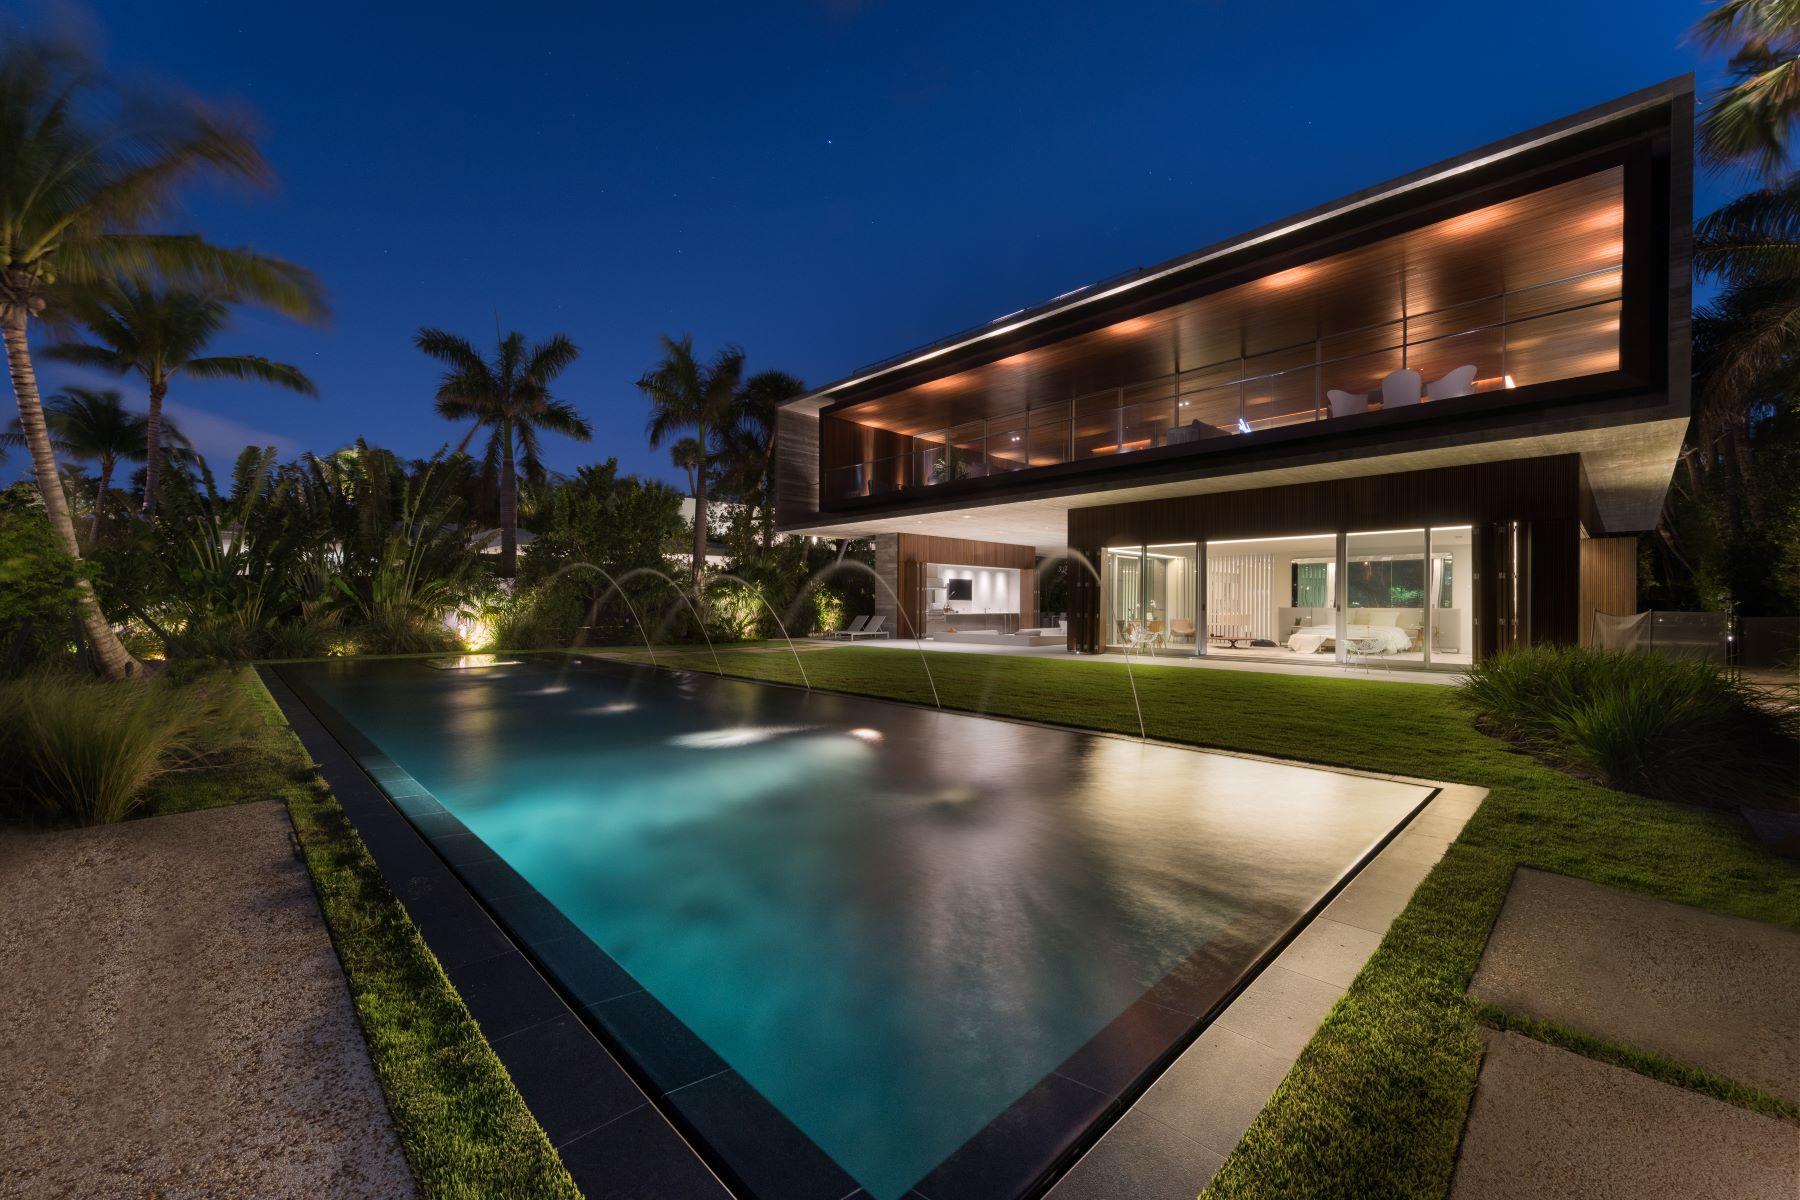 Villa per Vendita alle ore 4567 Pine Tree Dr Miami Beach, Florida, 33140 Stati Uniti